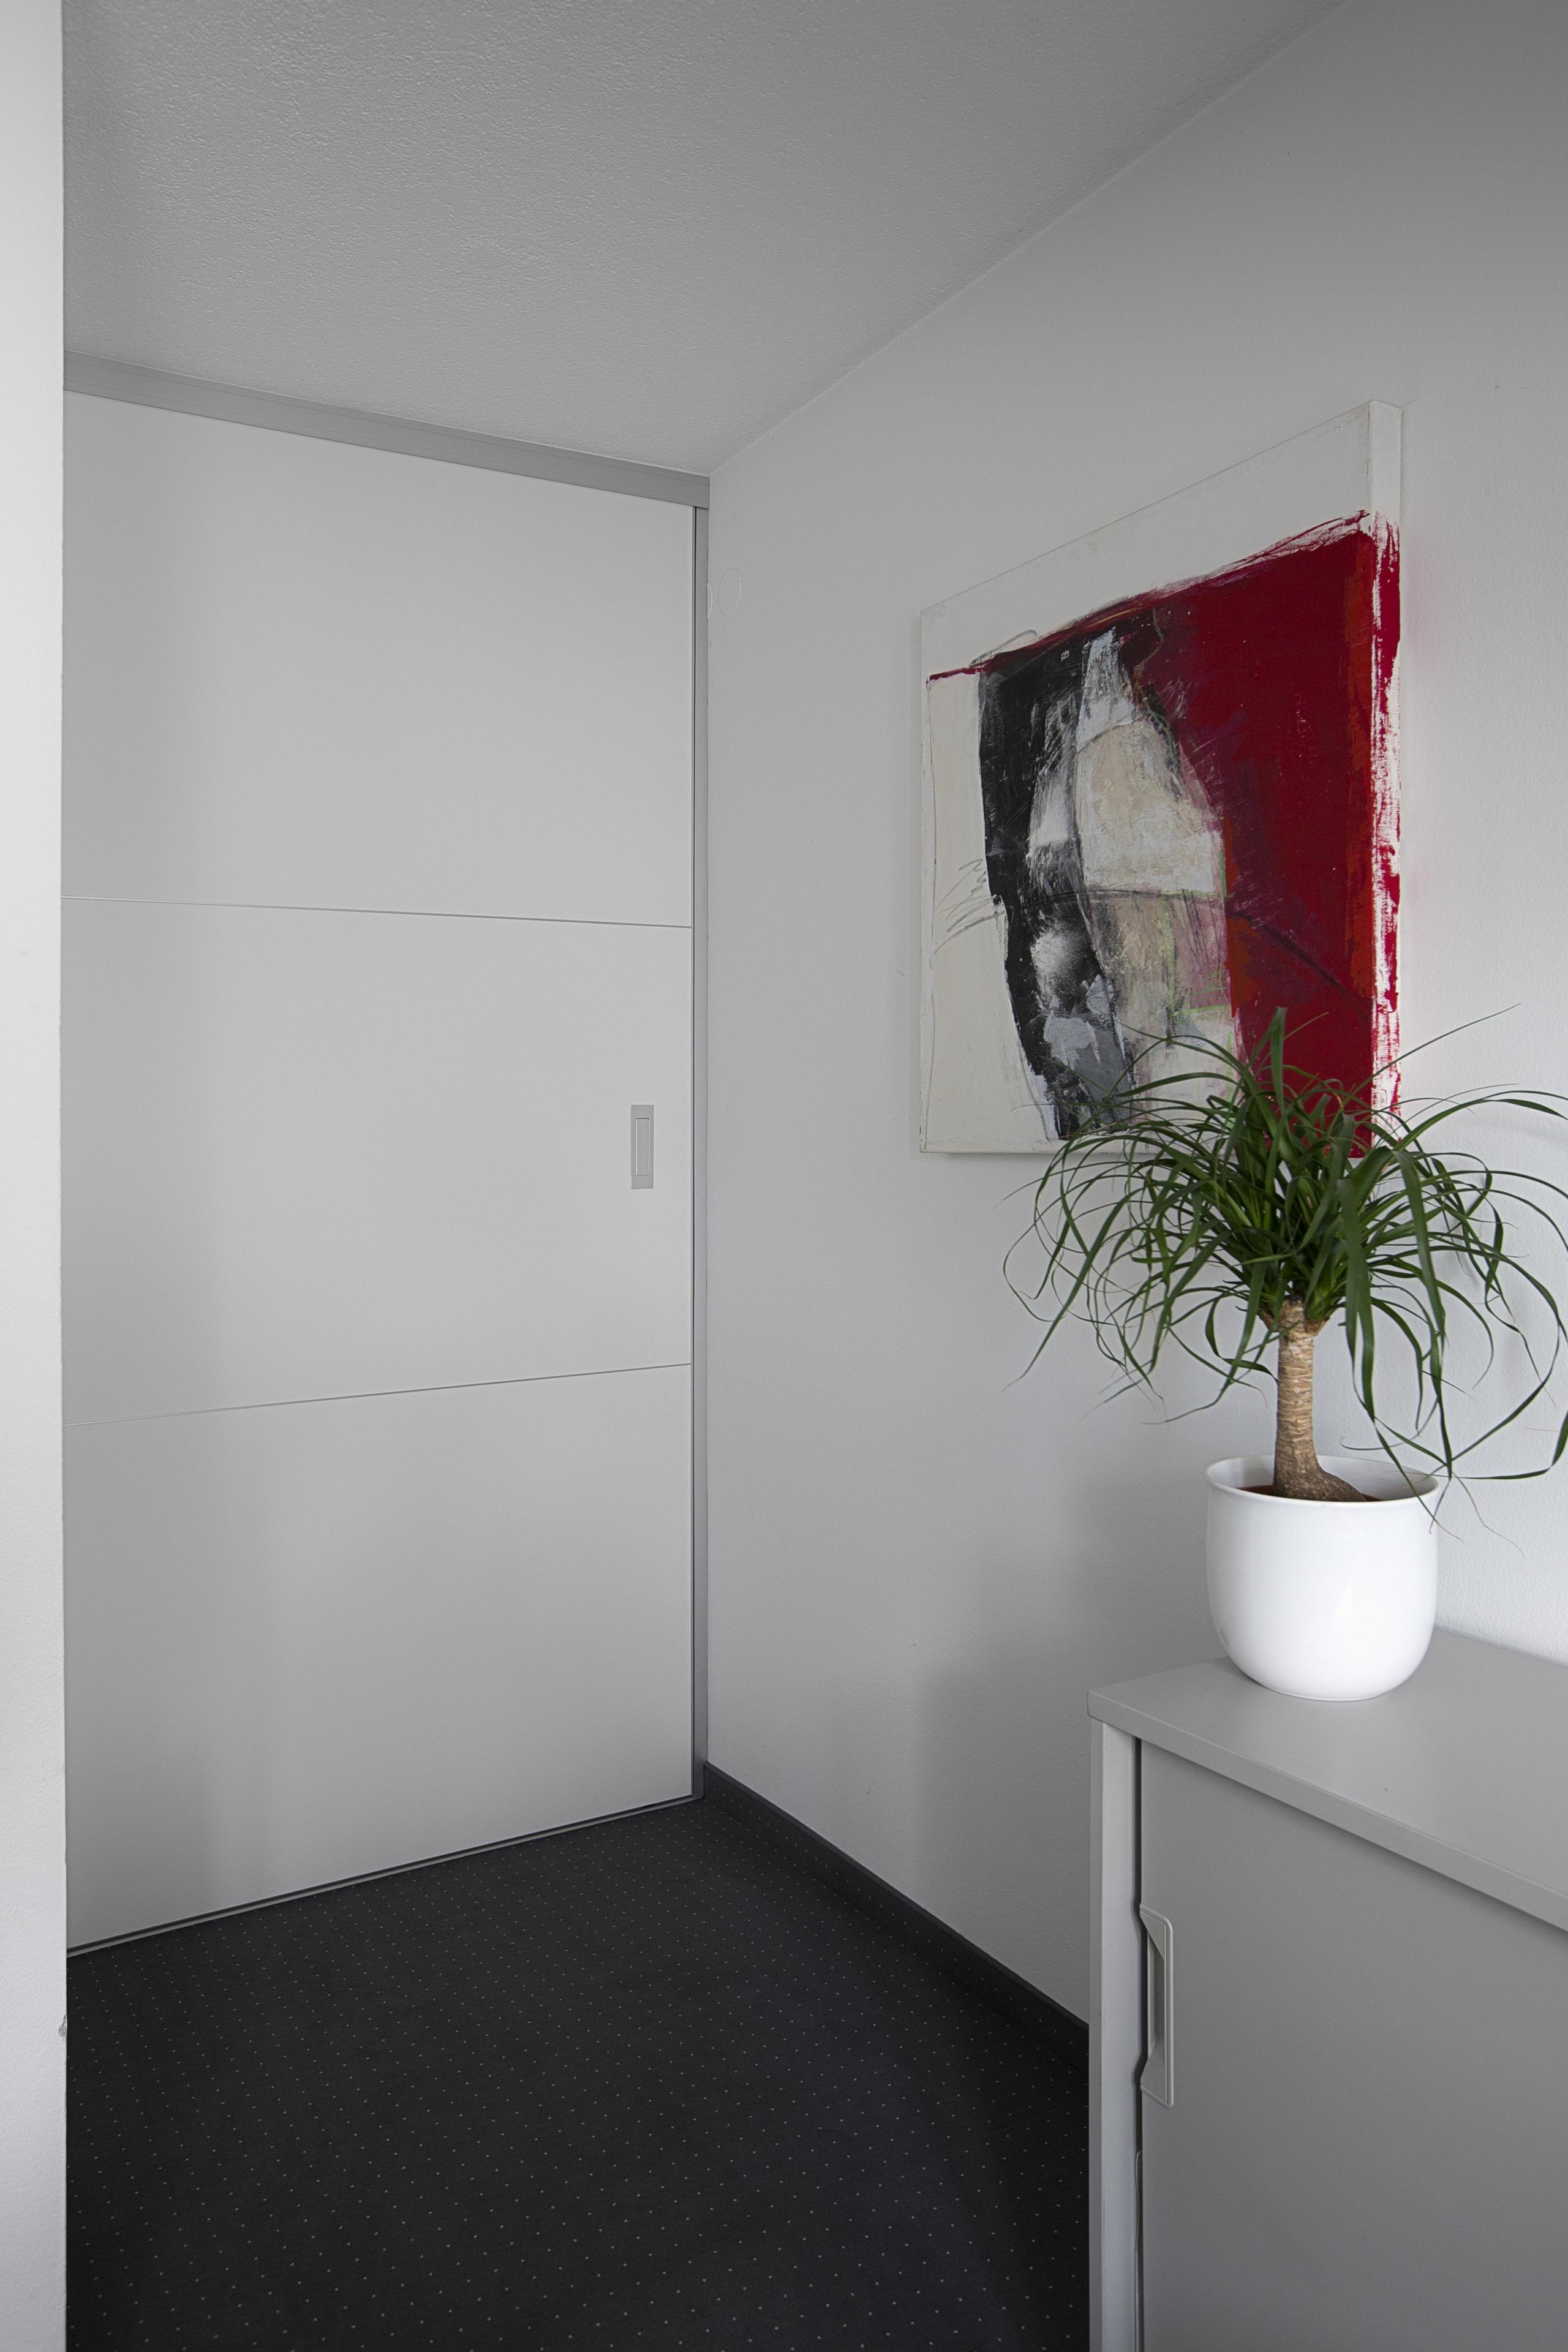 raumteiler aus rahmenlosen schiebet ren mit dekorariven quersprossen auf zu. Black Bedroom Furniture Sets. Home Design Ideas